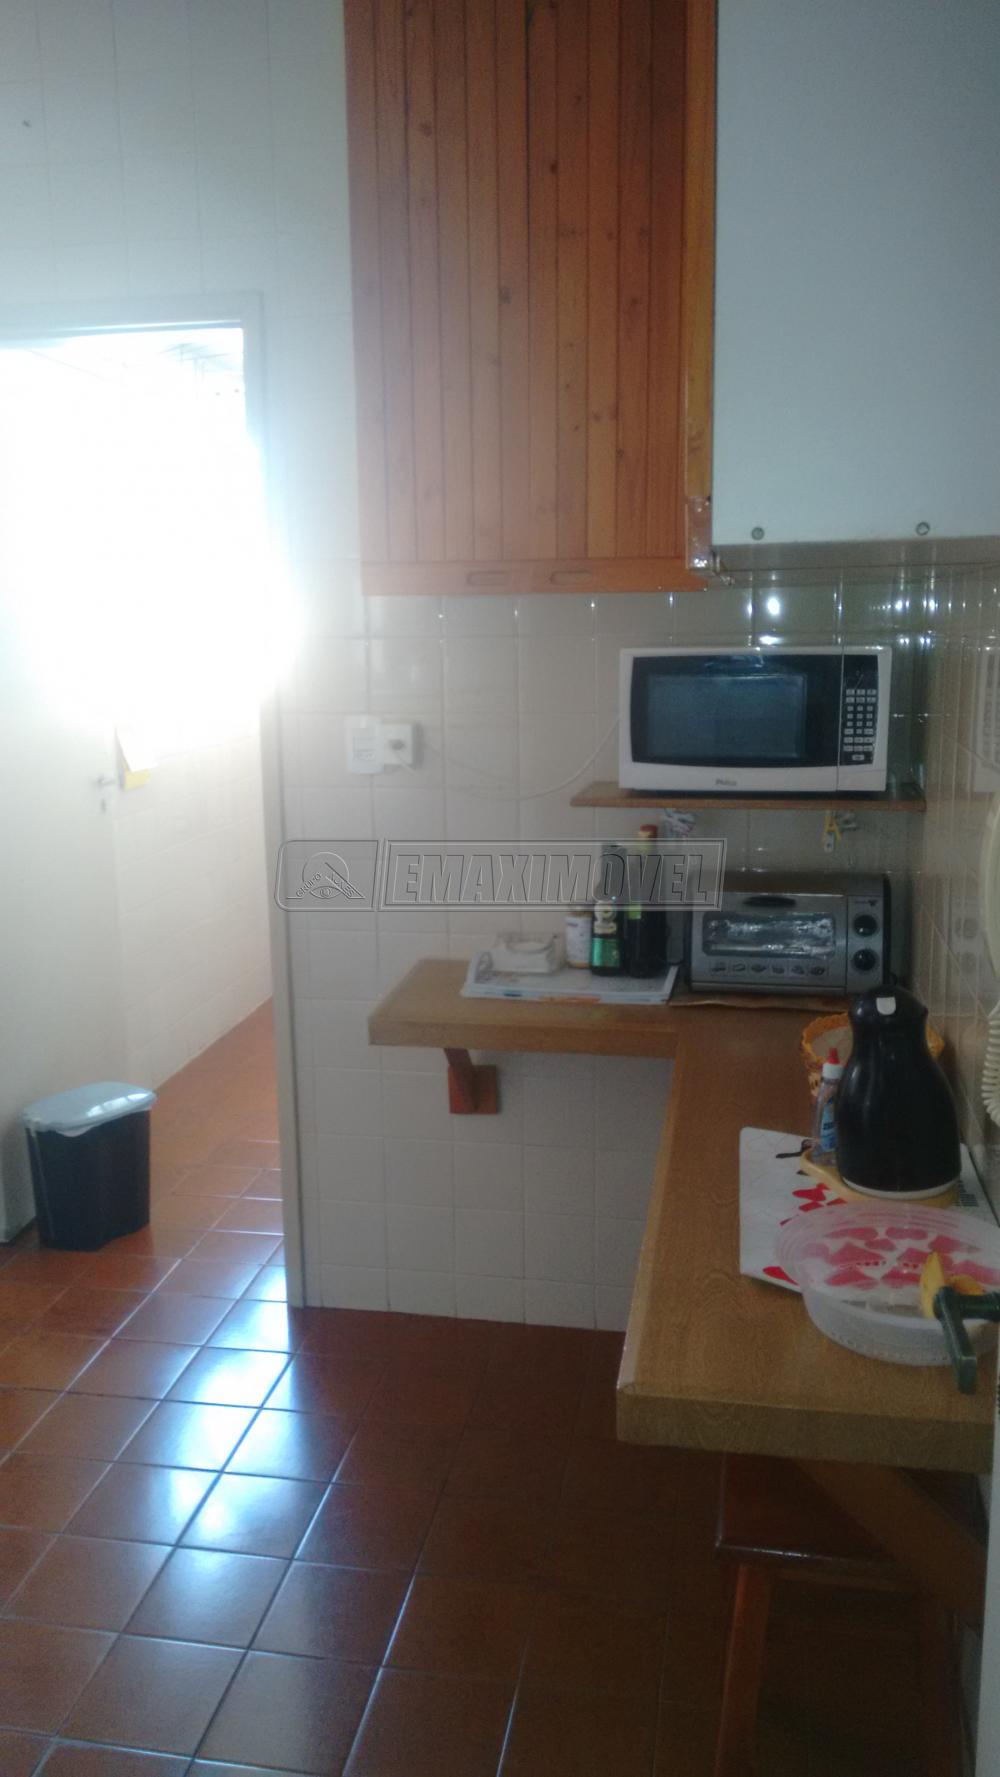 Comprar Apartamentos / Apto Padrão em Sorocaba apenas R$ 550.000,00 - Foto 16